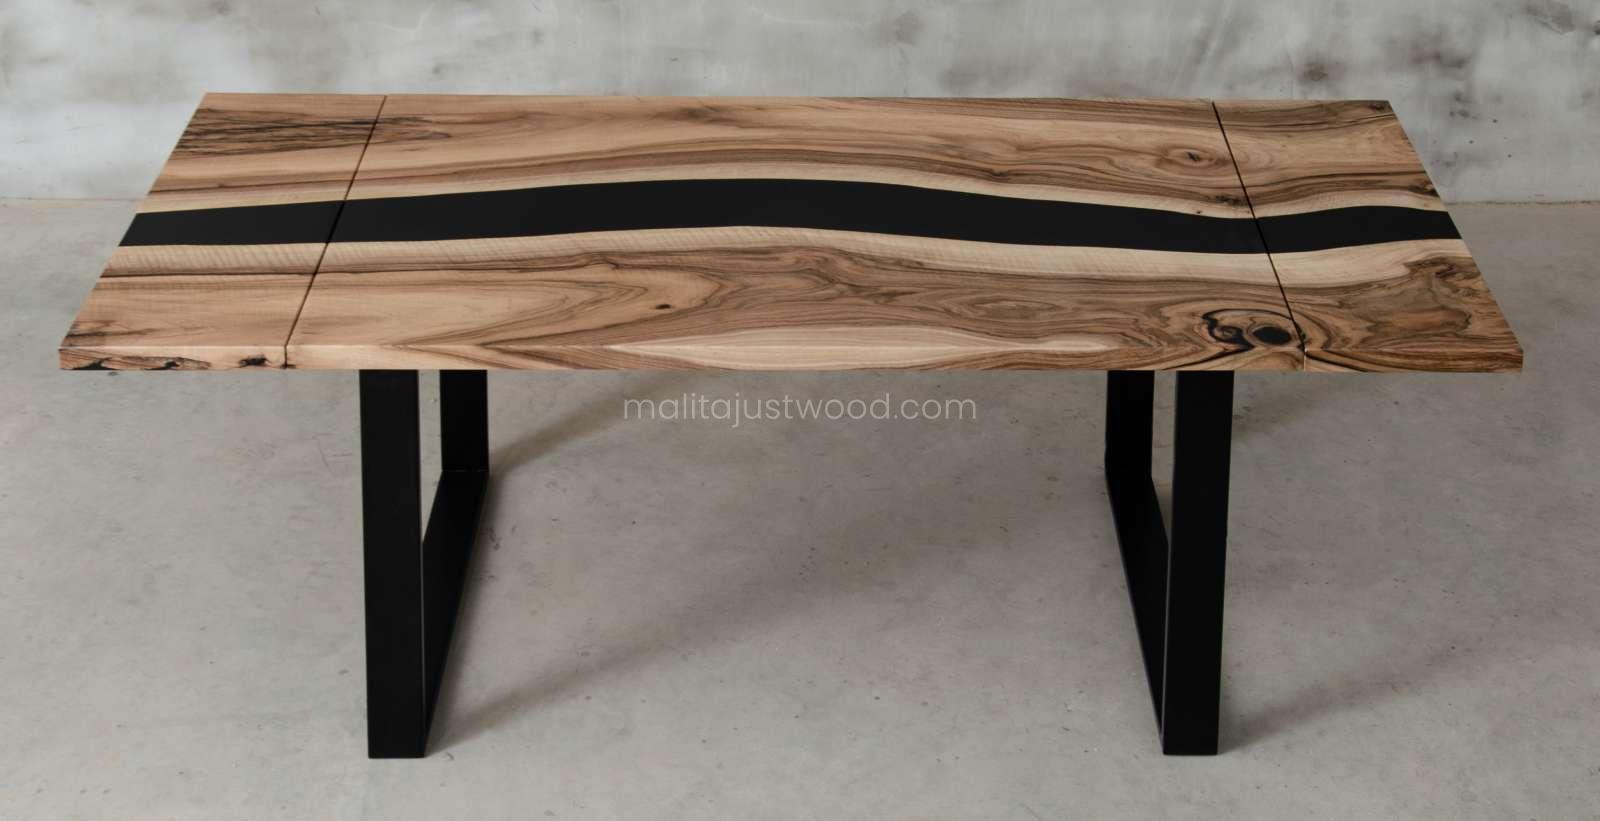 wooden Tenens table in walnut wood